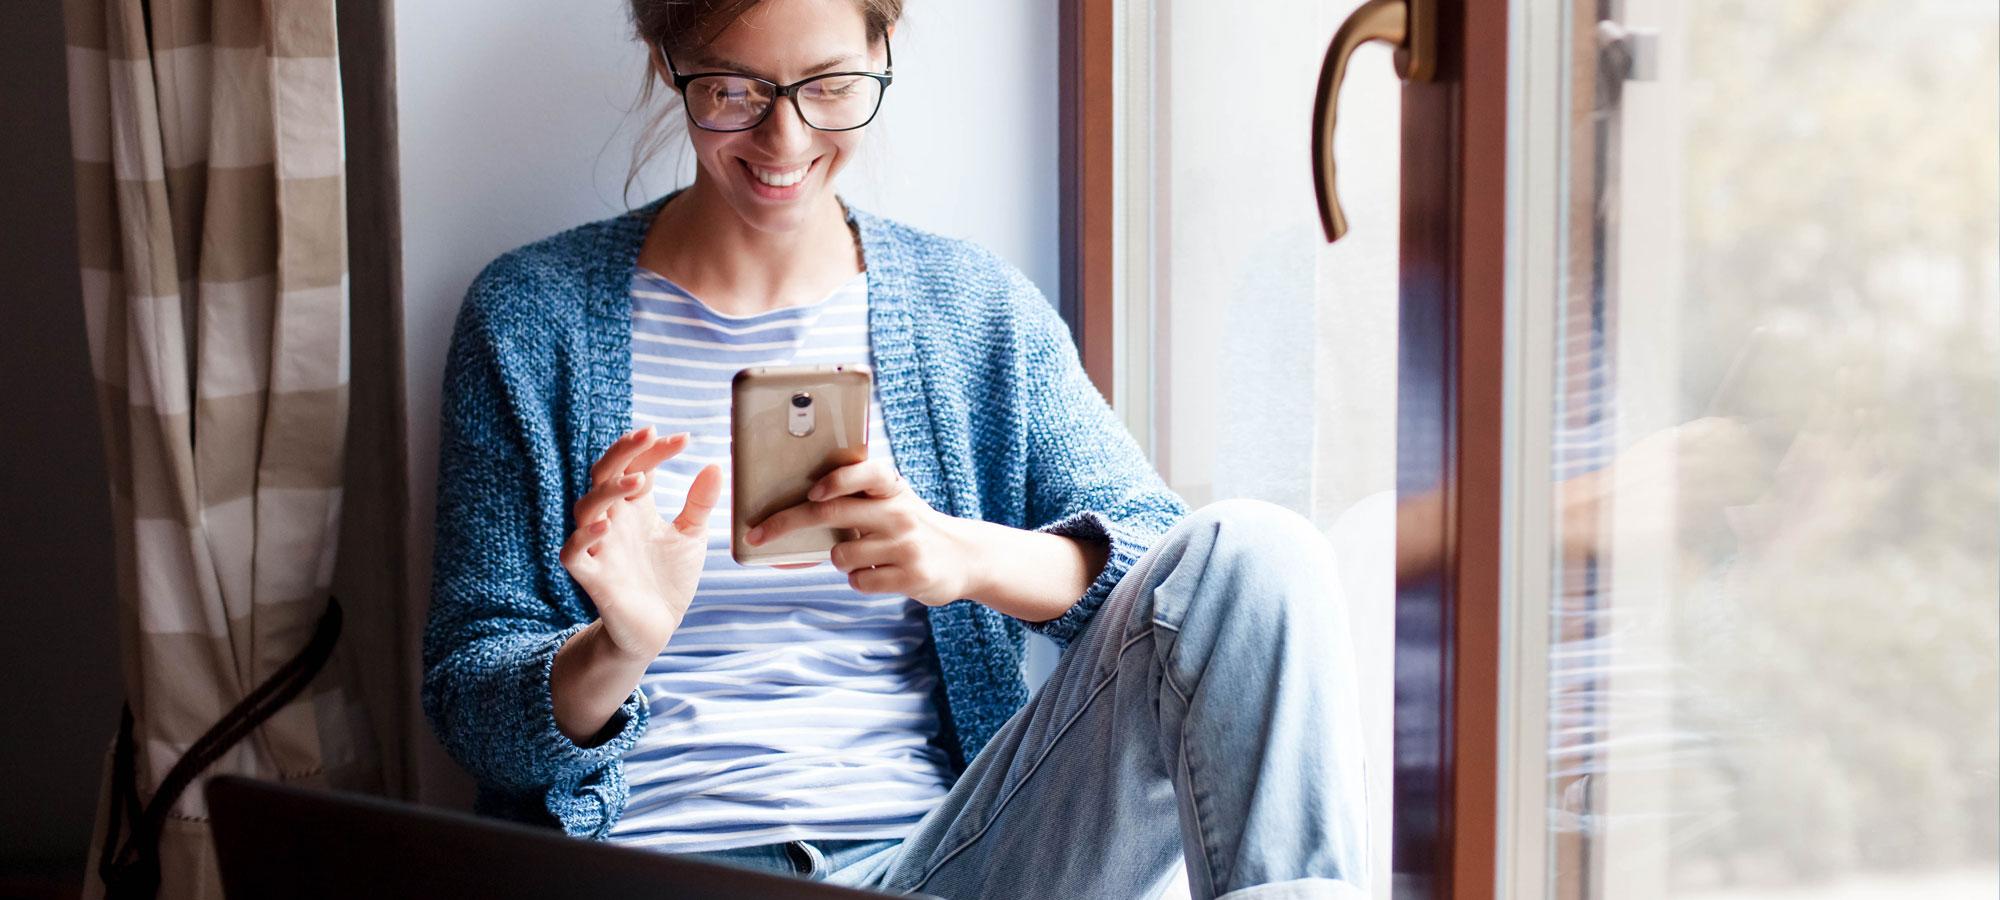 kvinne som kjøper noe på mobilen